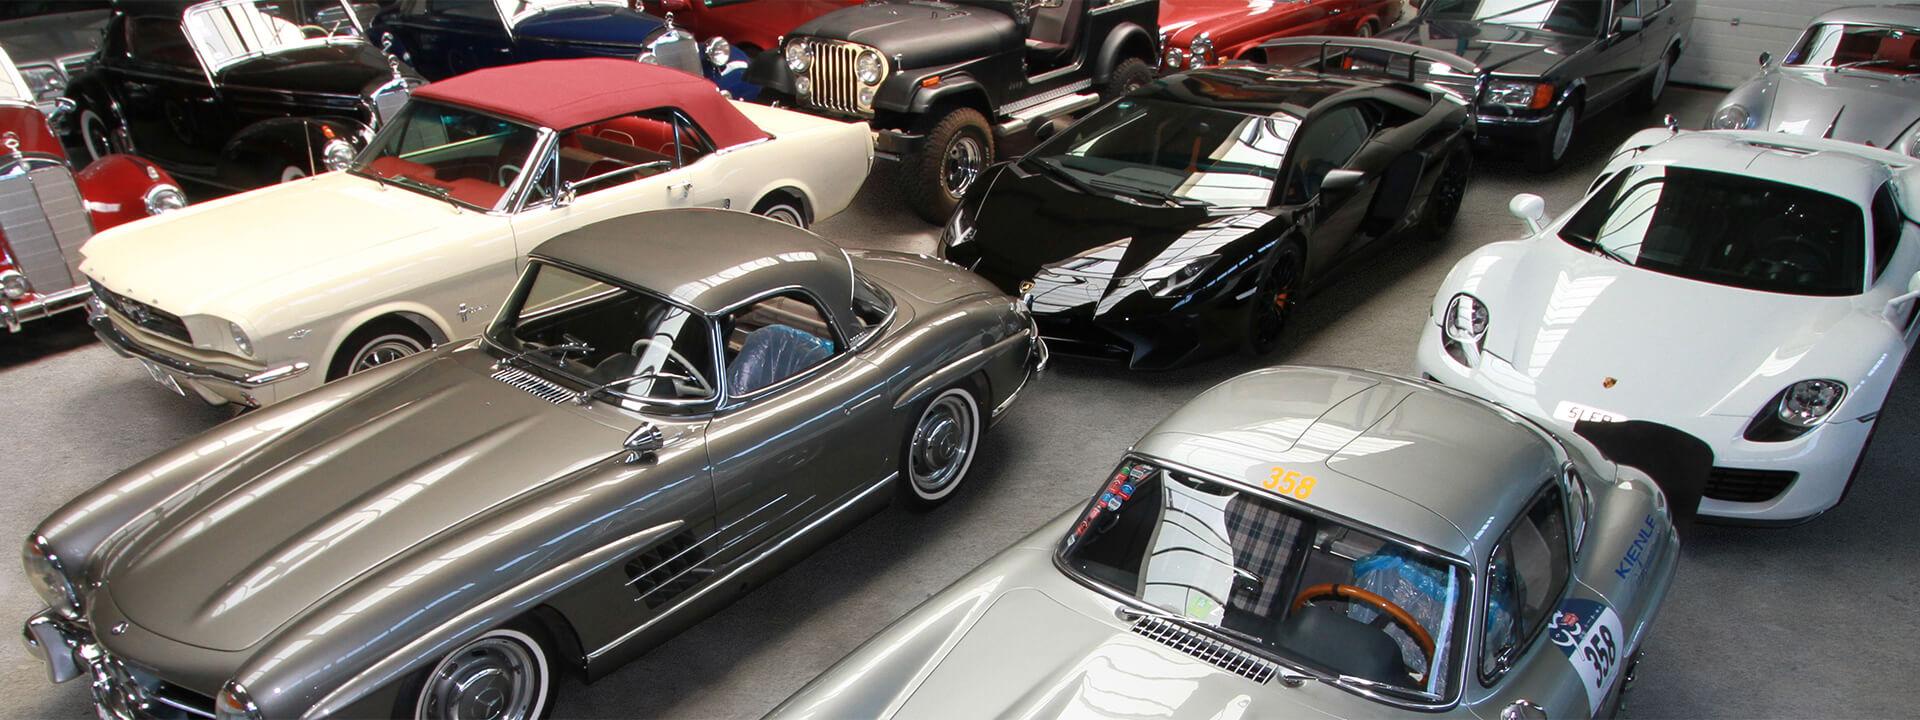 mercedes 300 sl und andere supersportwagen und klassiker im kienle verkaufsraum